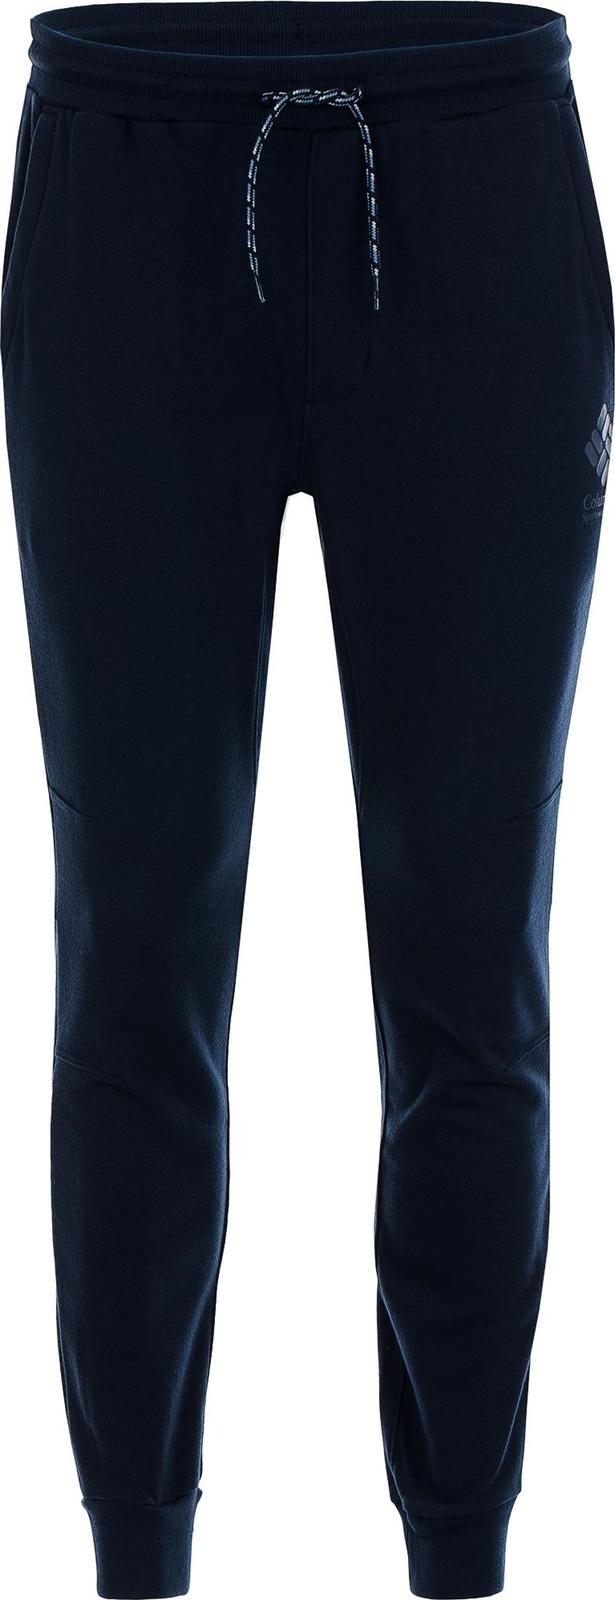 Брюки Columbia капри женские columbia csc w bugasweat capri jogger цвет серый 1837391 030 размер m 46